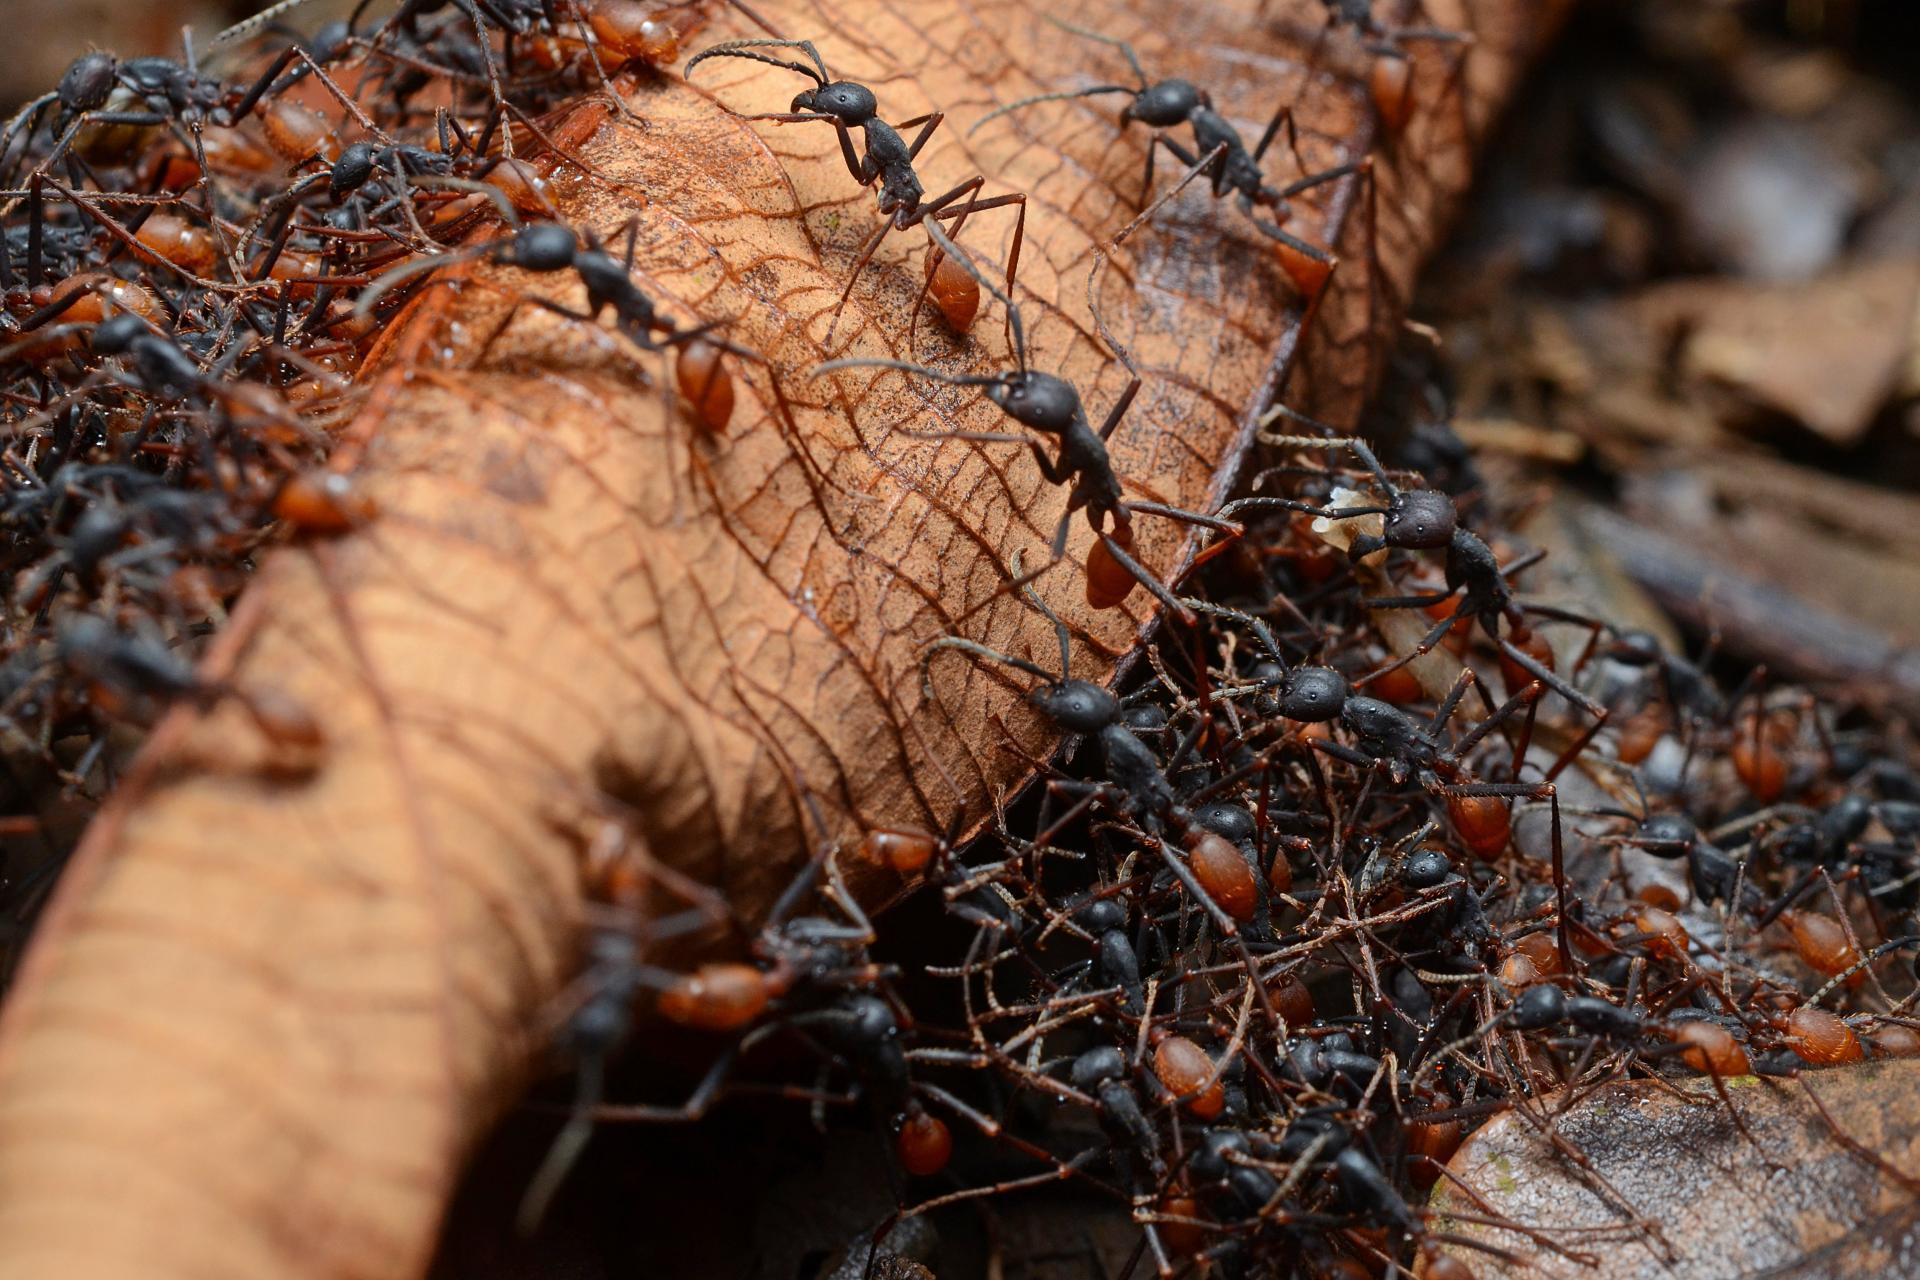 Устали от муравьев? Попробуйте эти естественные способы справиться с ними